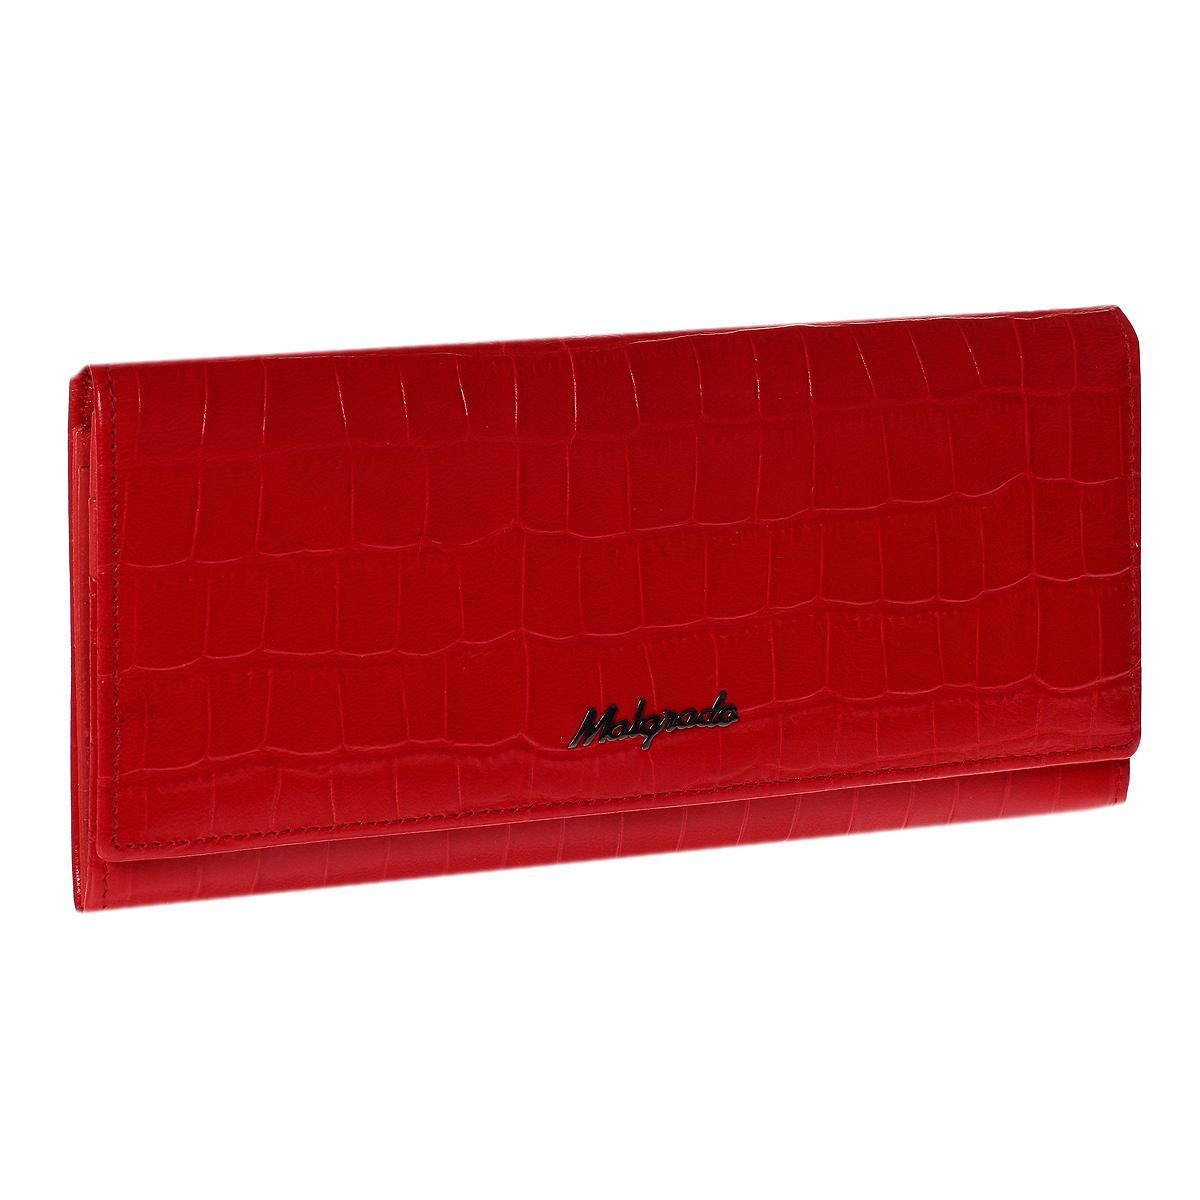 Кошелек Malgrado, цвет: красный. 72032-3-43702#72032-3-43702#Стильный кошелек Malgrado выполнен из лаковой натуральной кожи красного цвета с декоративным тиснением под рептилию, застегивается клапаном на кнопку. Внутри содержит один горизонтальный карман для бумаг, девять кармашков для кредитных карт, отделение на замке-защелке для мелочи и четыре отделения для купюр, одно из них на молнии. Кошелек упакован в подарочную металлическую коробку с логотипом фирмы. Такой кошелек станет замечательным подарком человеку, ценящему качественные и практичные вещи.